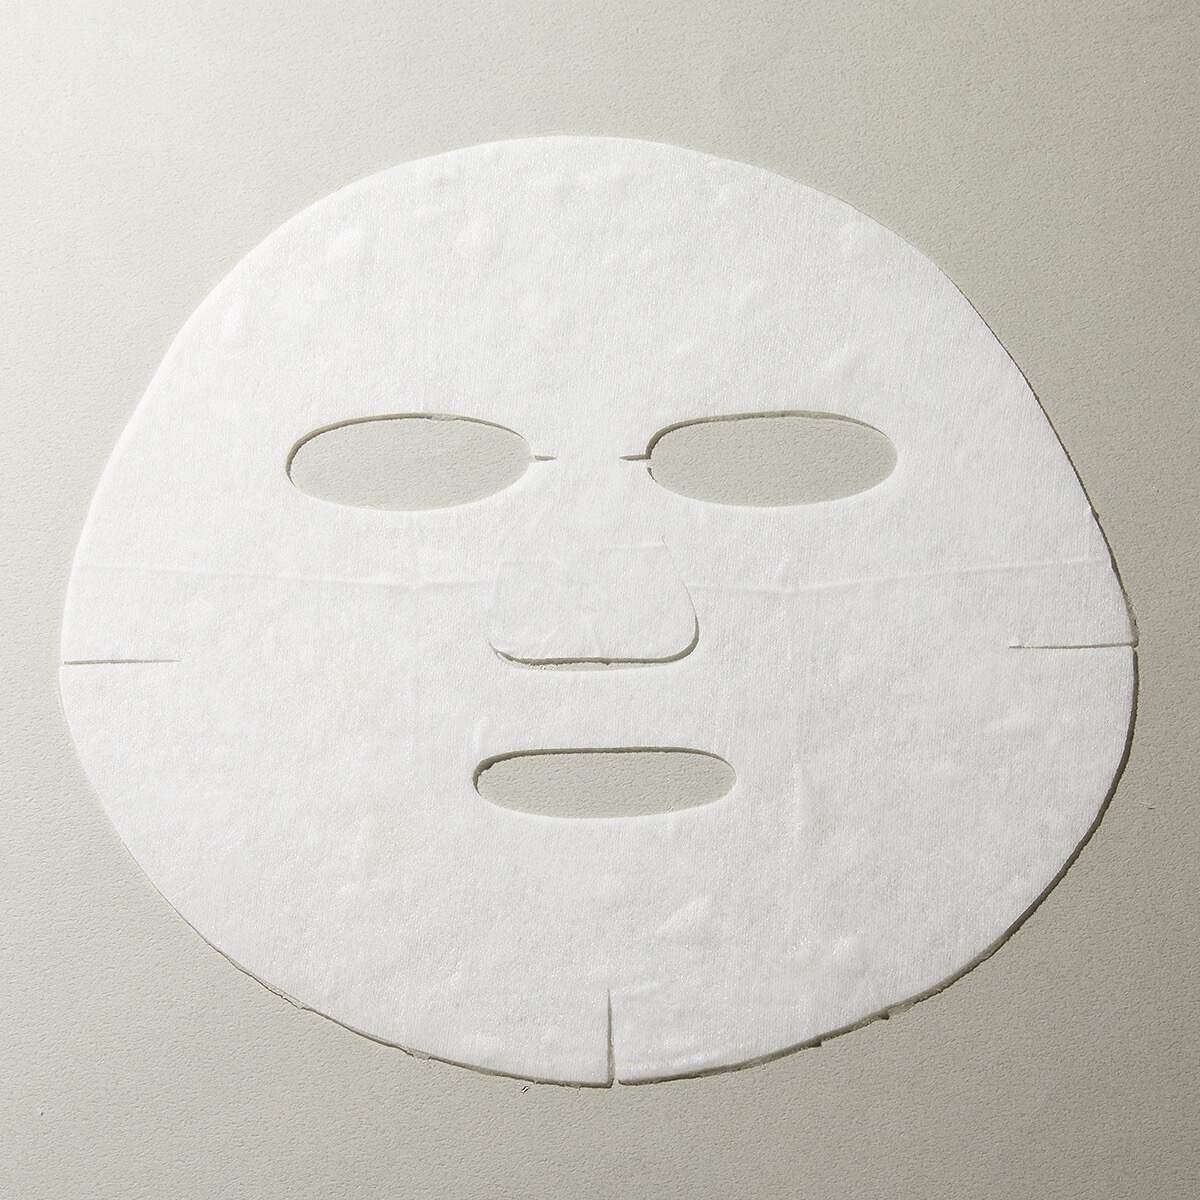 MEDIHEAL(メディヒール )『3ミニッツシートマスク カーマイドwith ティーツリー』の使用感をレポ!に関する画像7